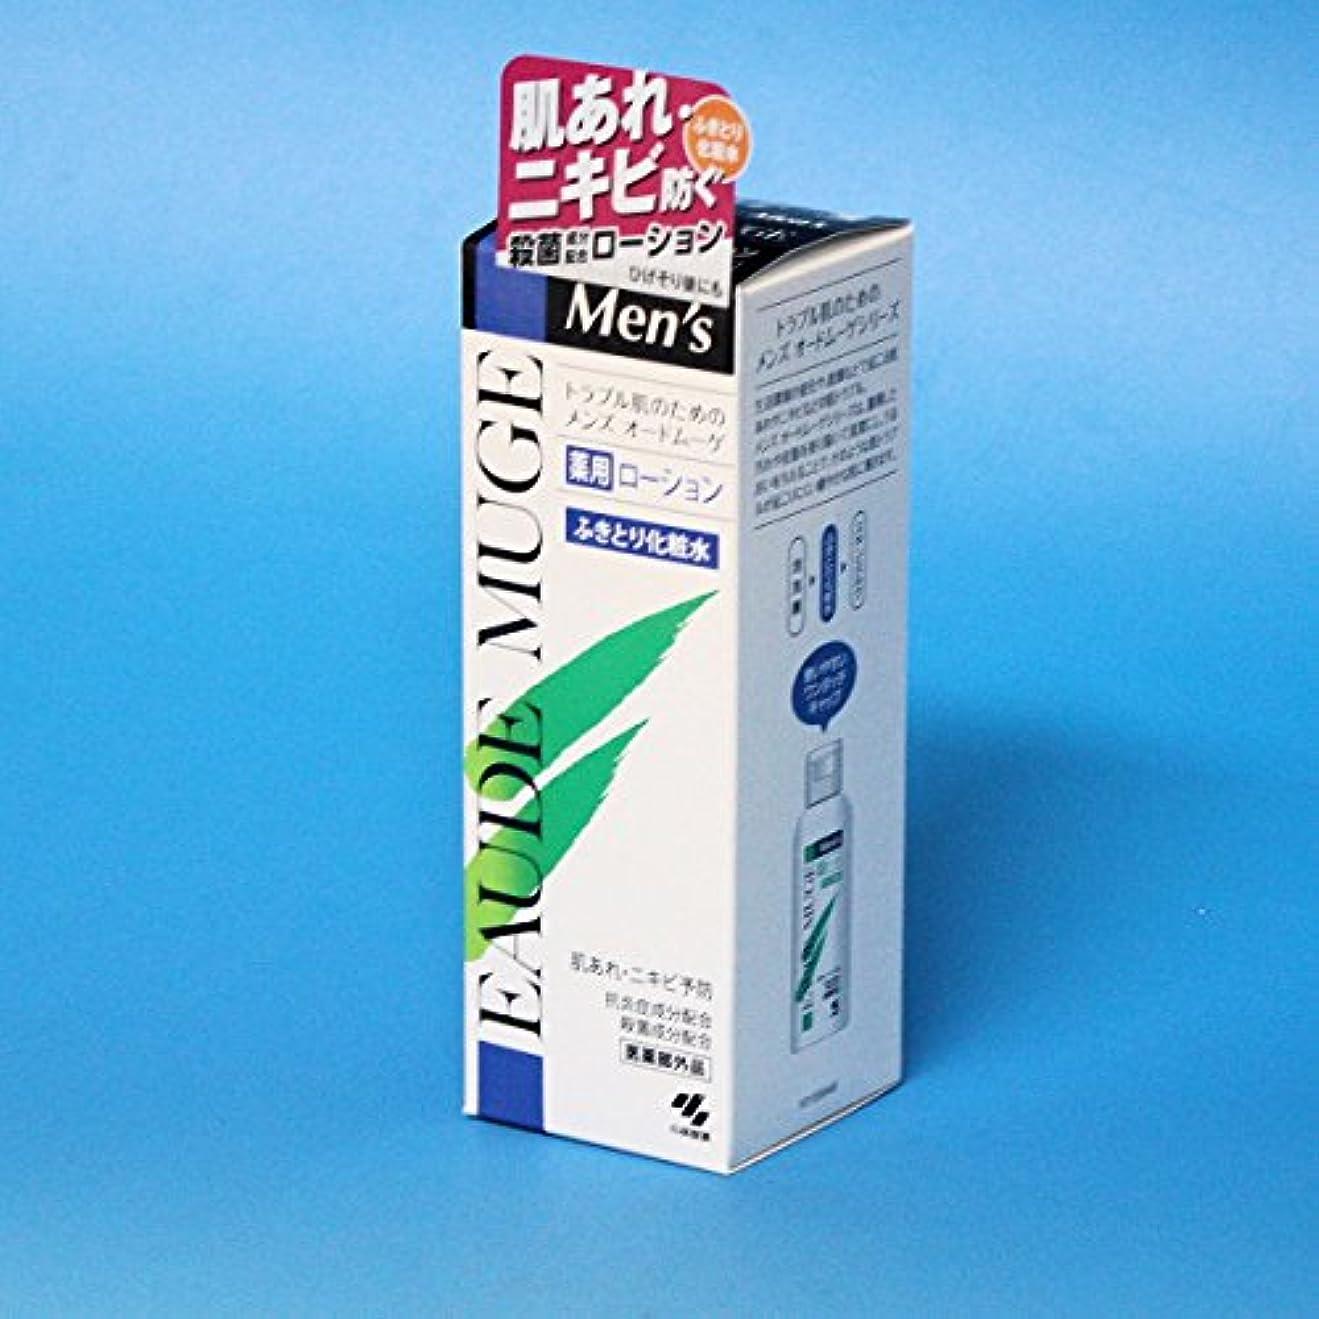 生き残り億割り当てますメンズ オードムーゲ薬用ローション ふき取り化粧水 160ml